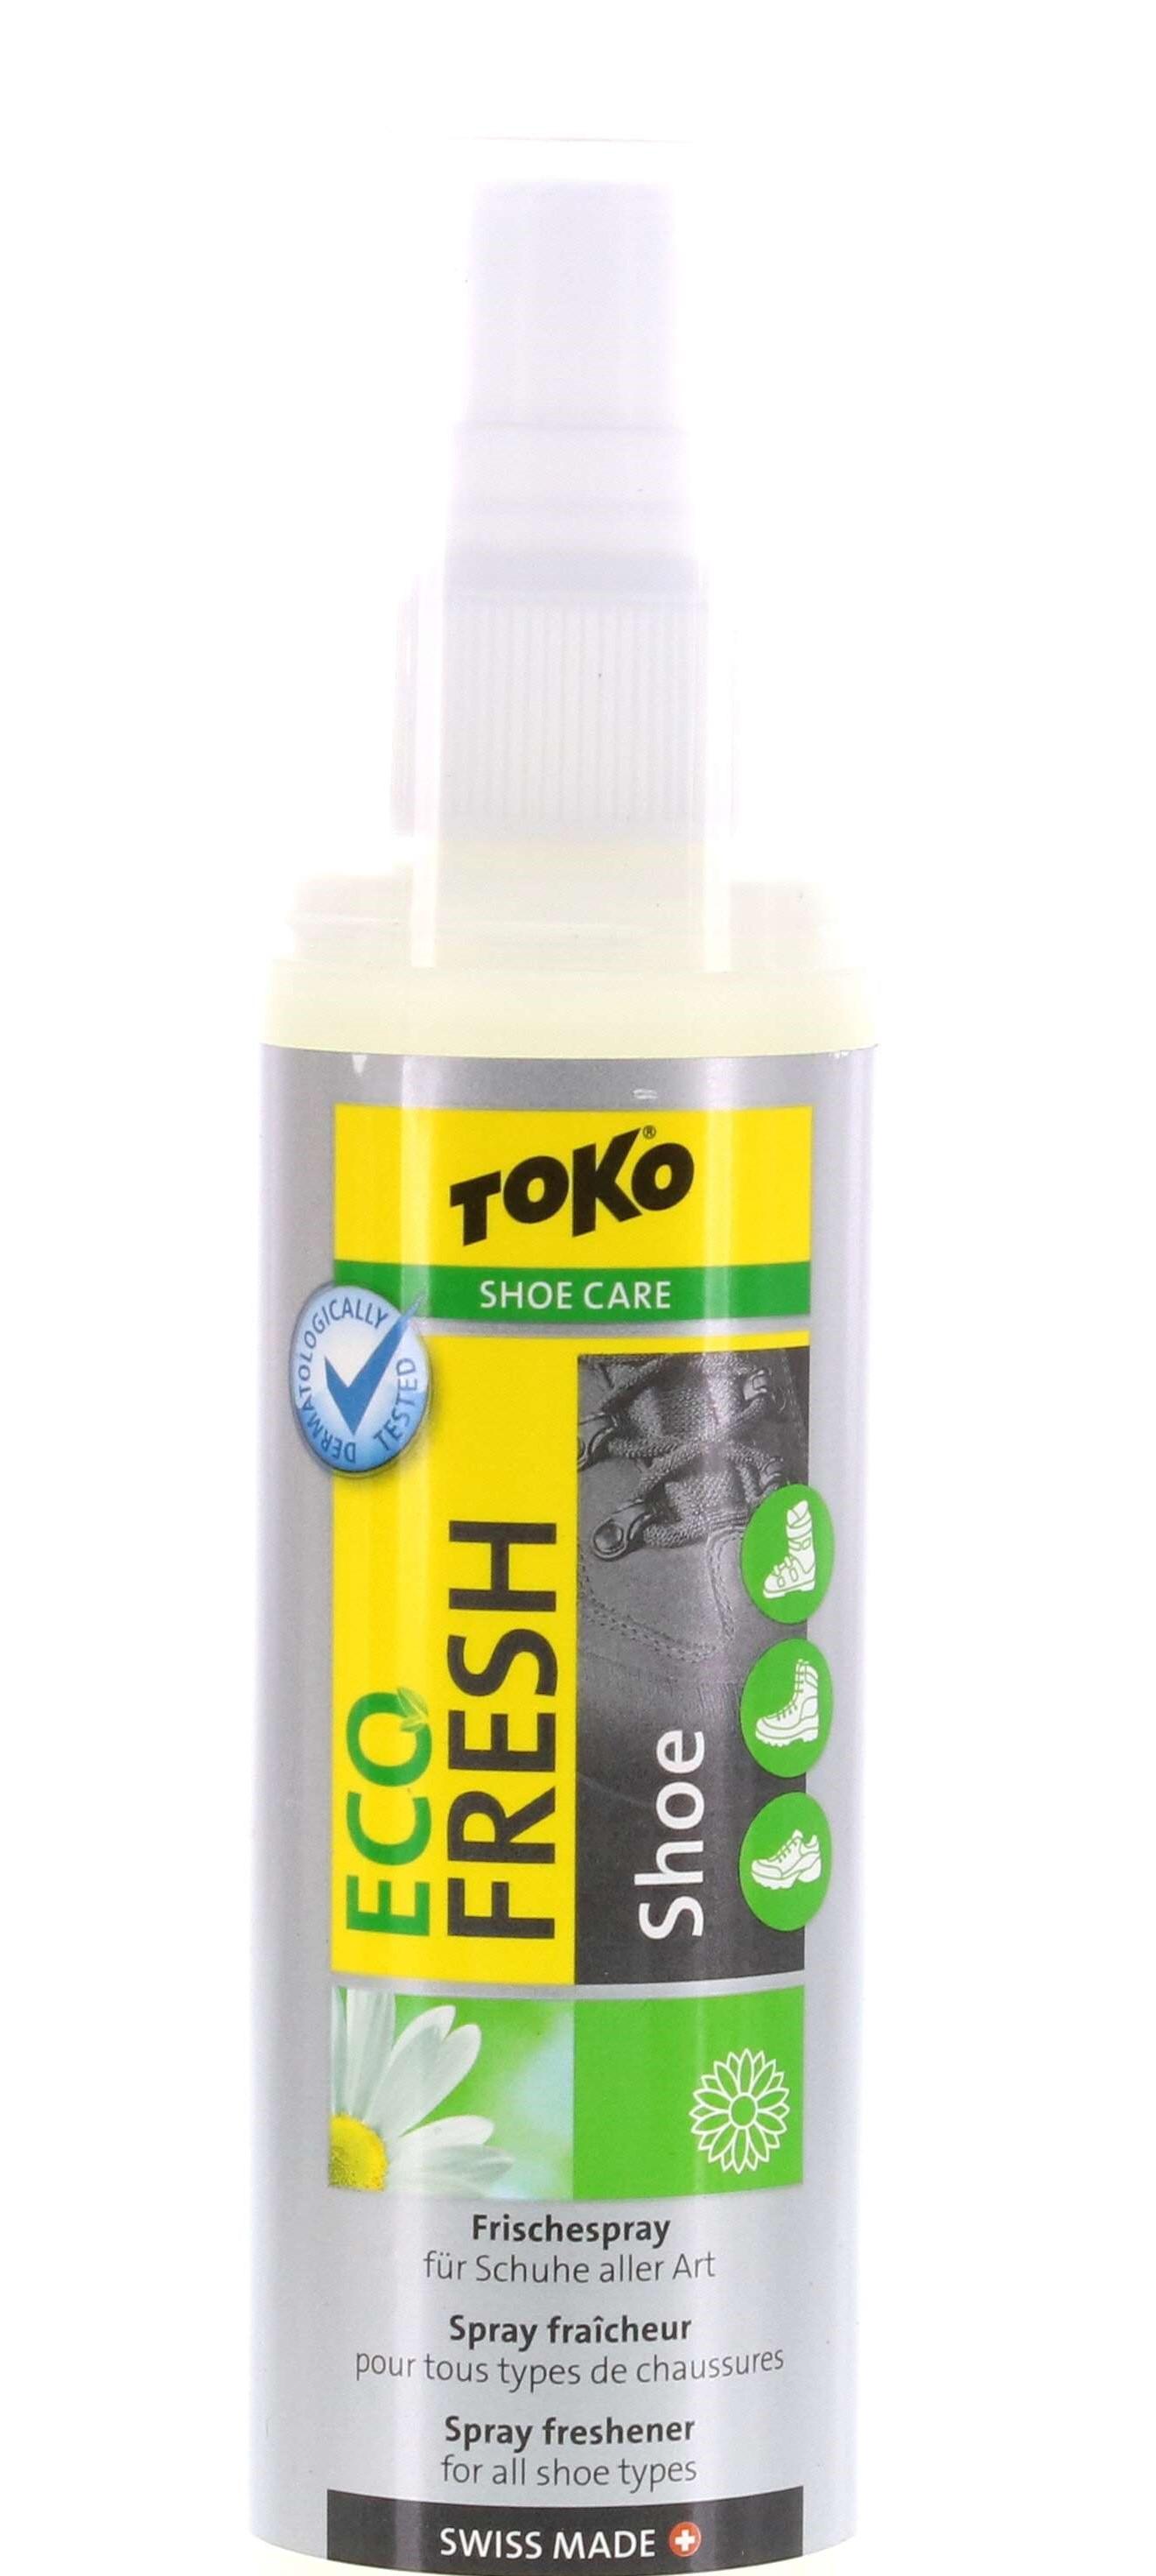 Toko fresh